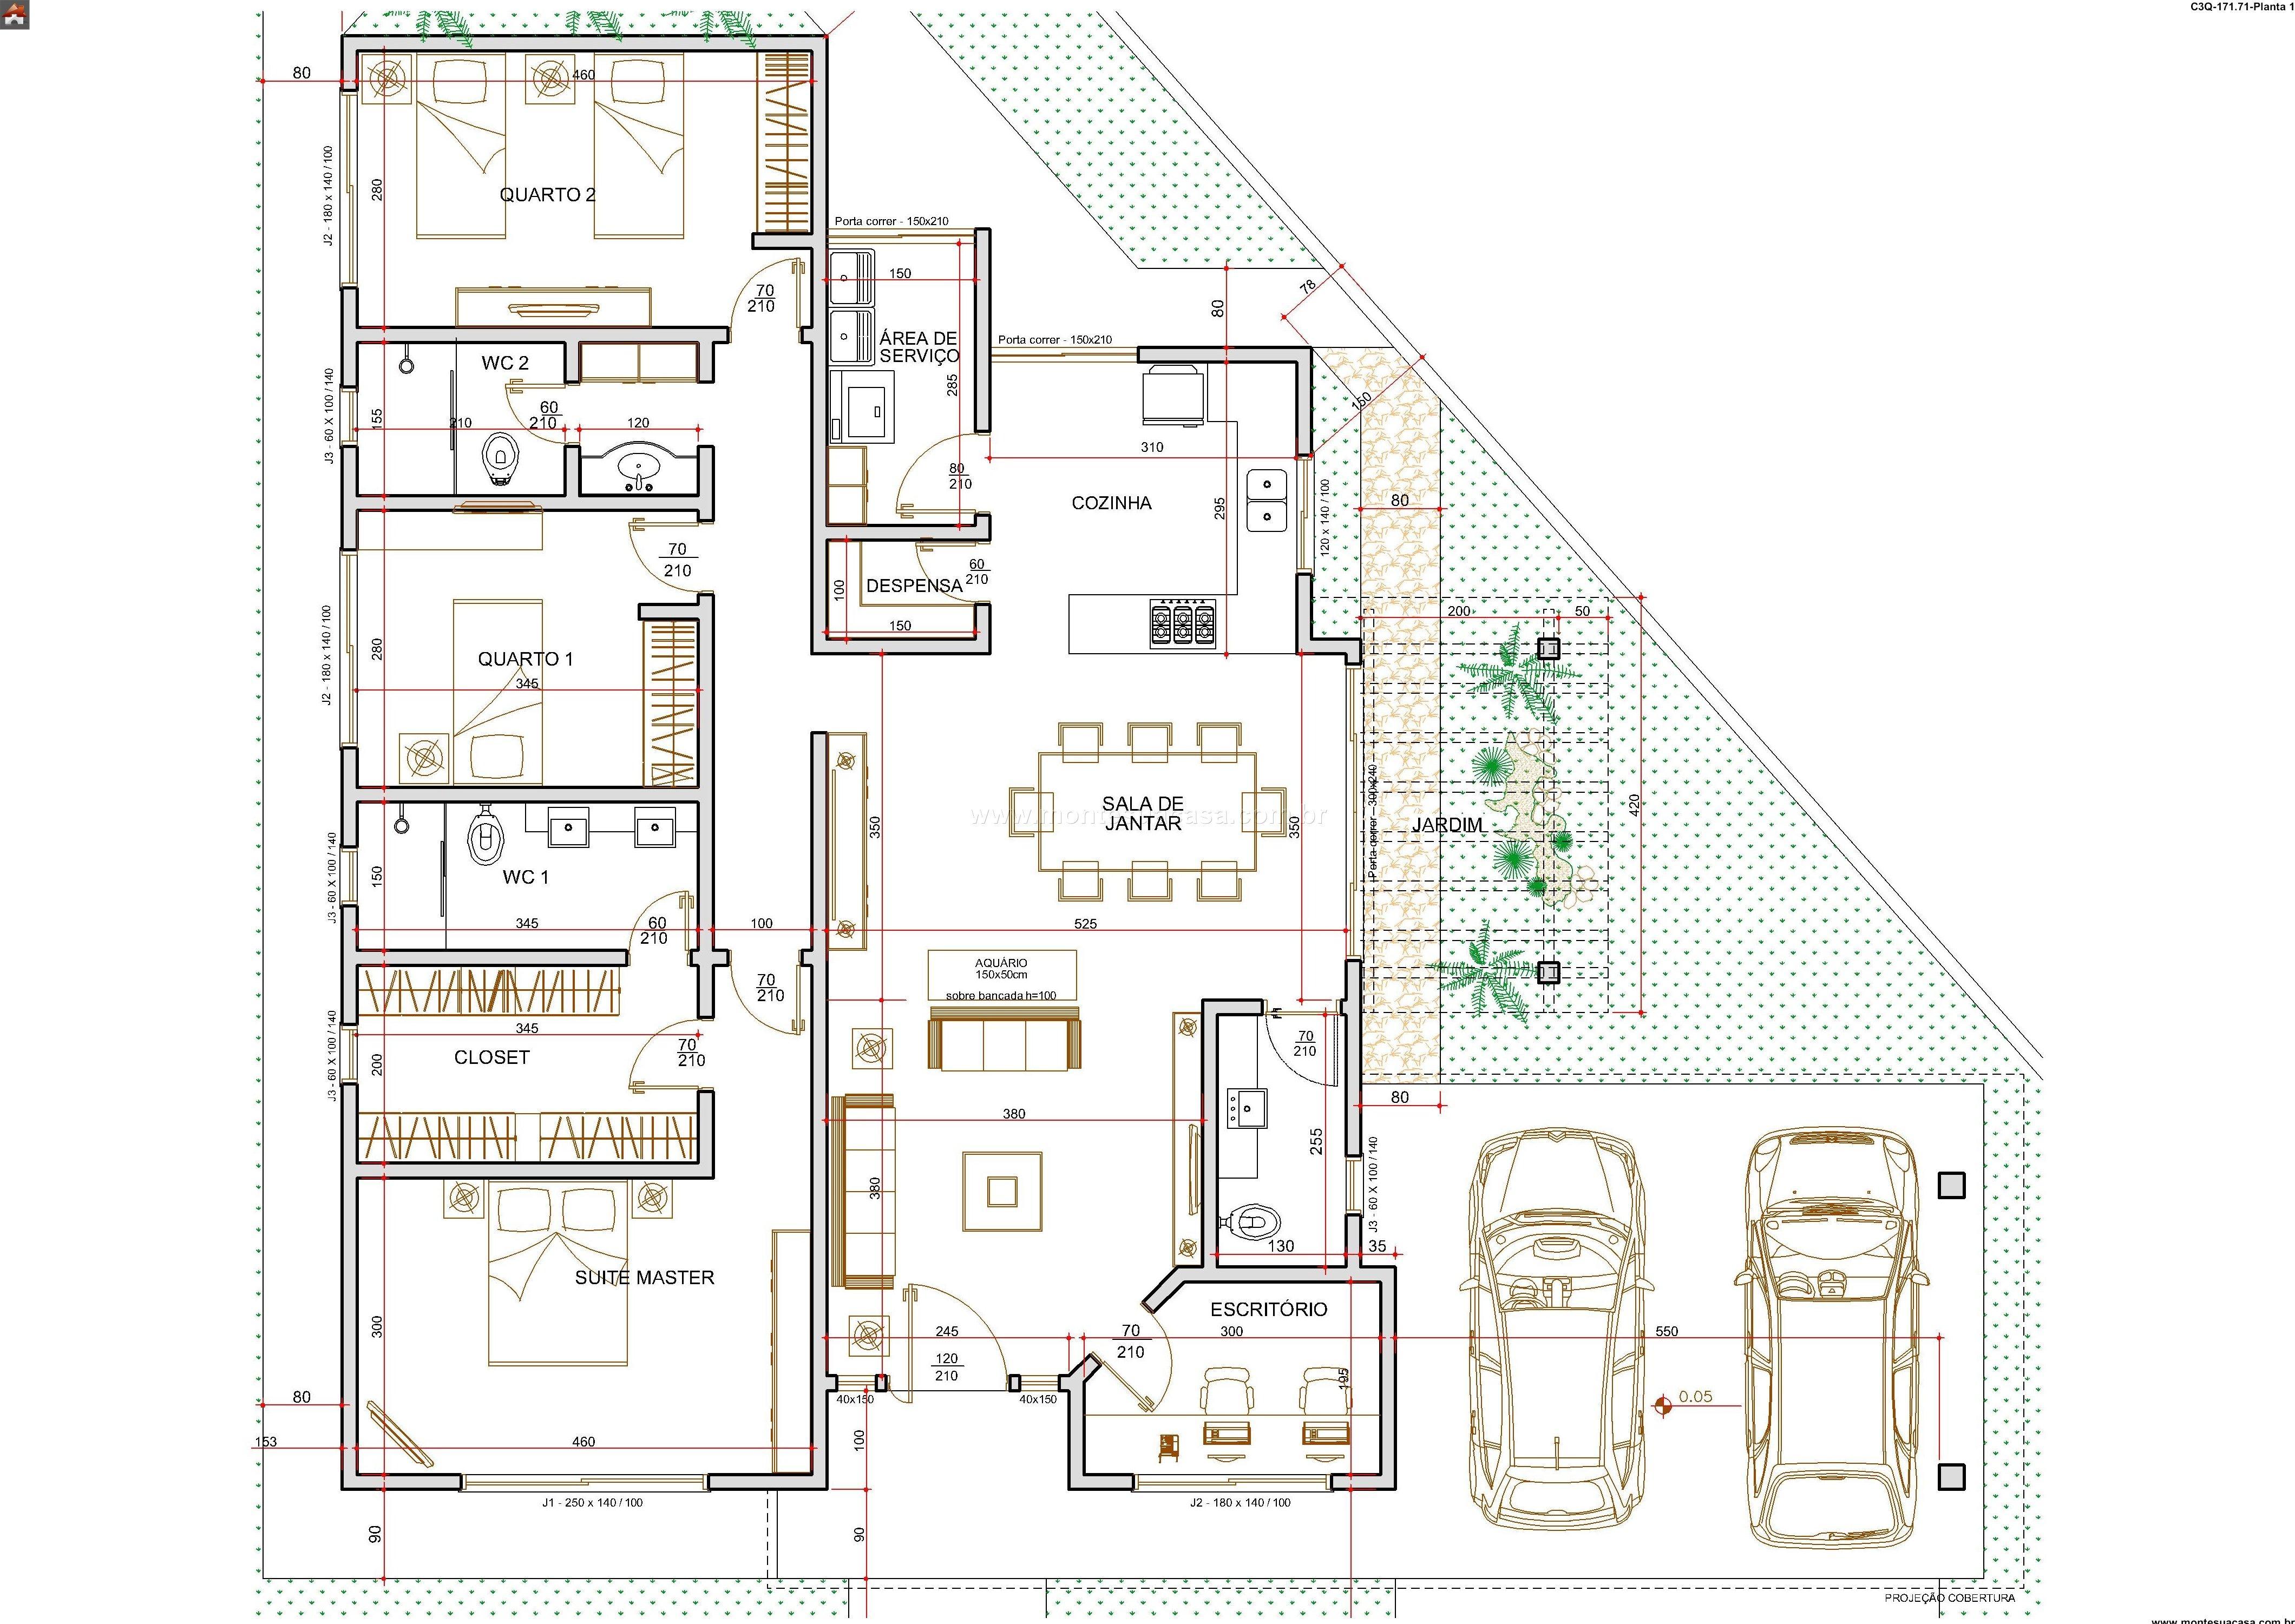 Casa 2 Quartos - 171.71m²